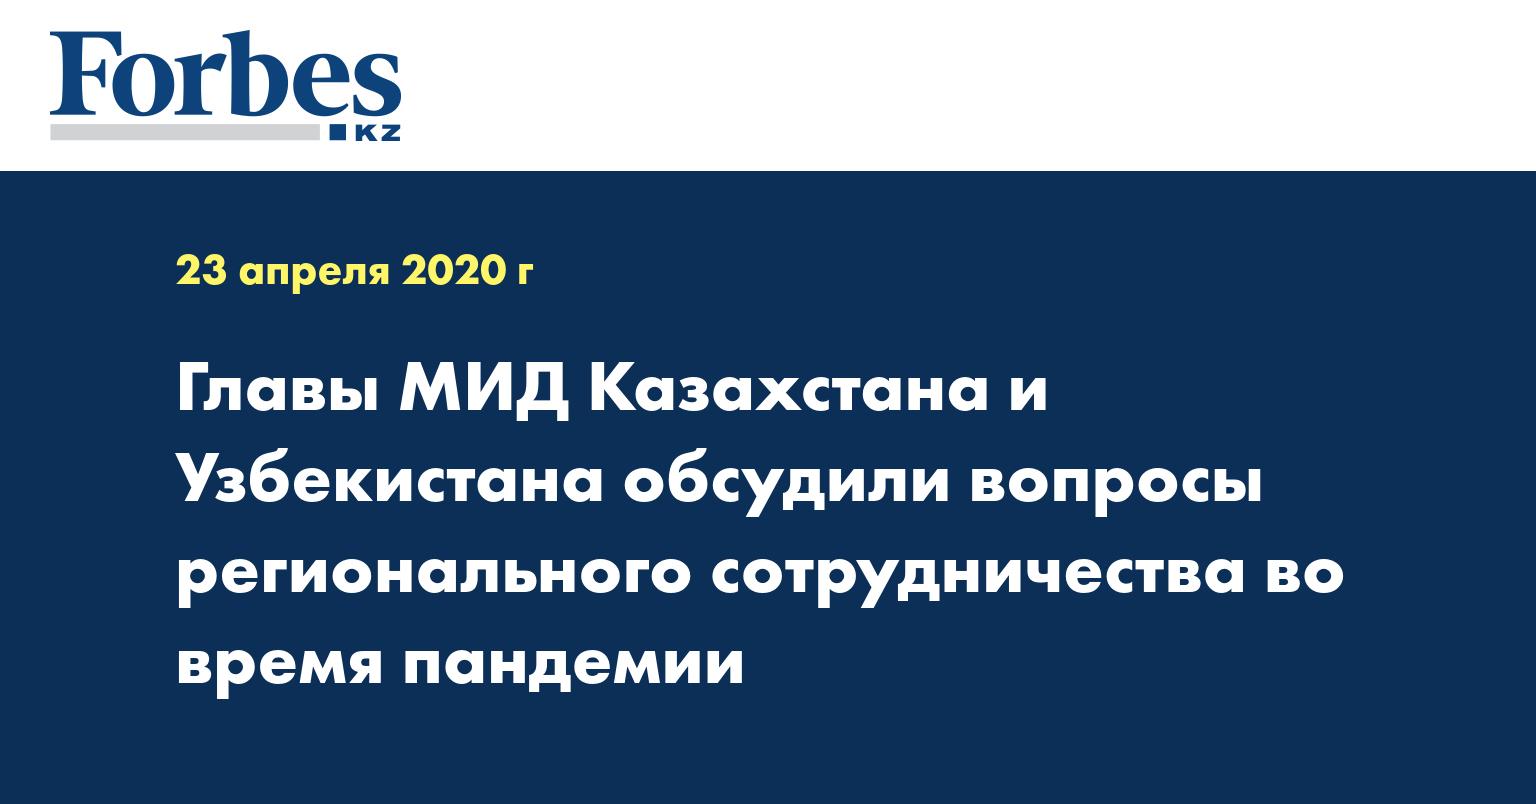 Главы МИД Казахстана и Узбекистана обсудили вопросы регионального сотрудничества во время пандемии